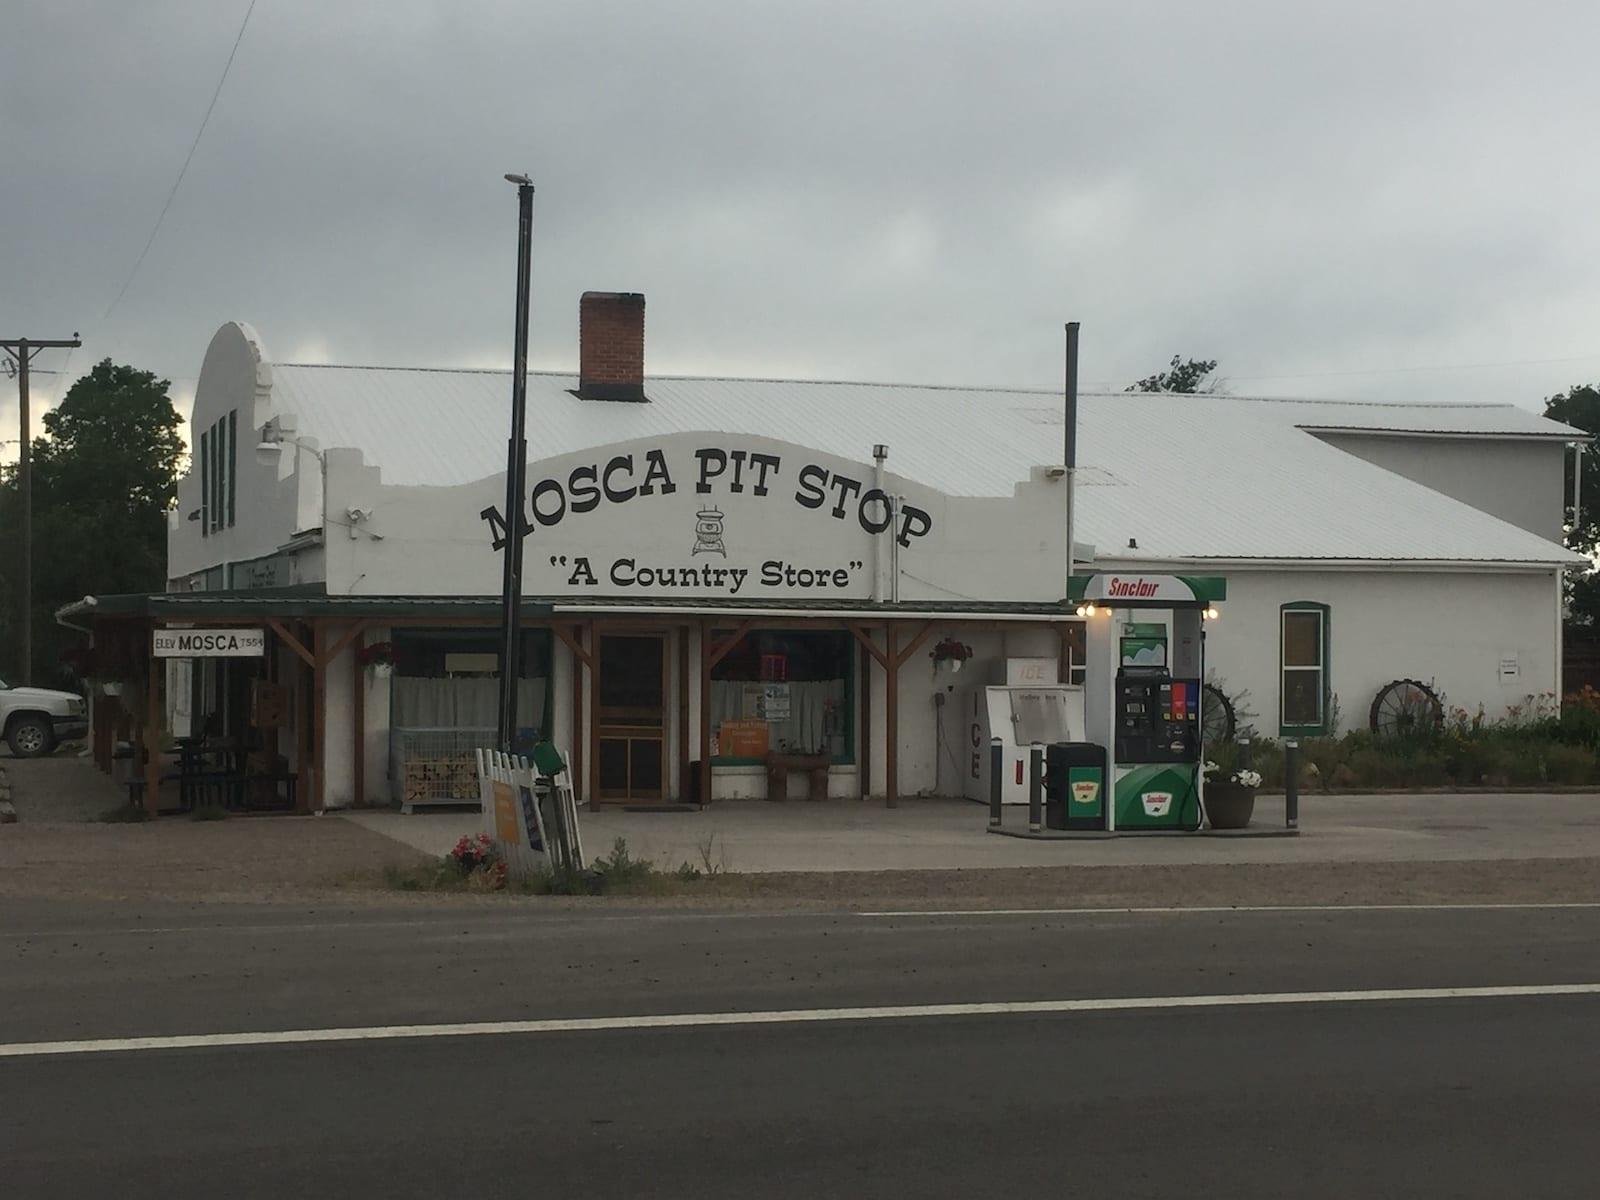 Mosca Colorado Pit Stop